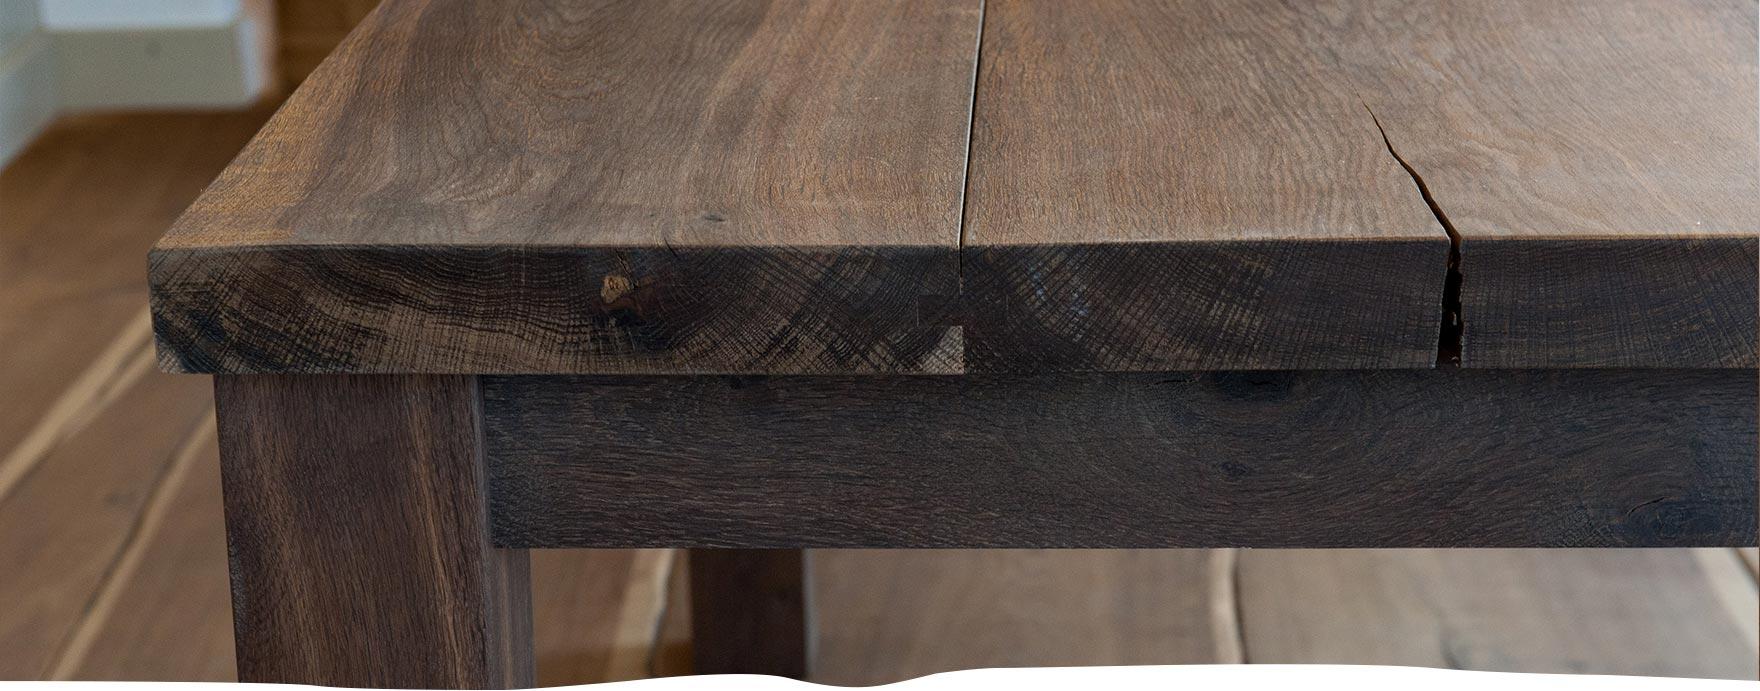 Nieuw eiken tafels - De Hout Snip